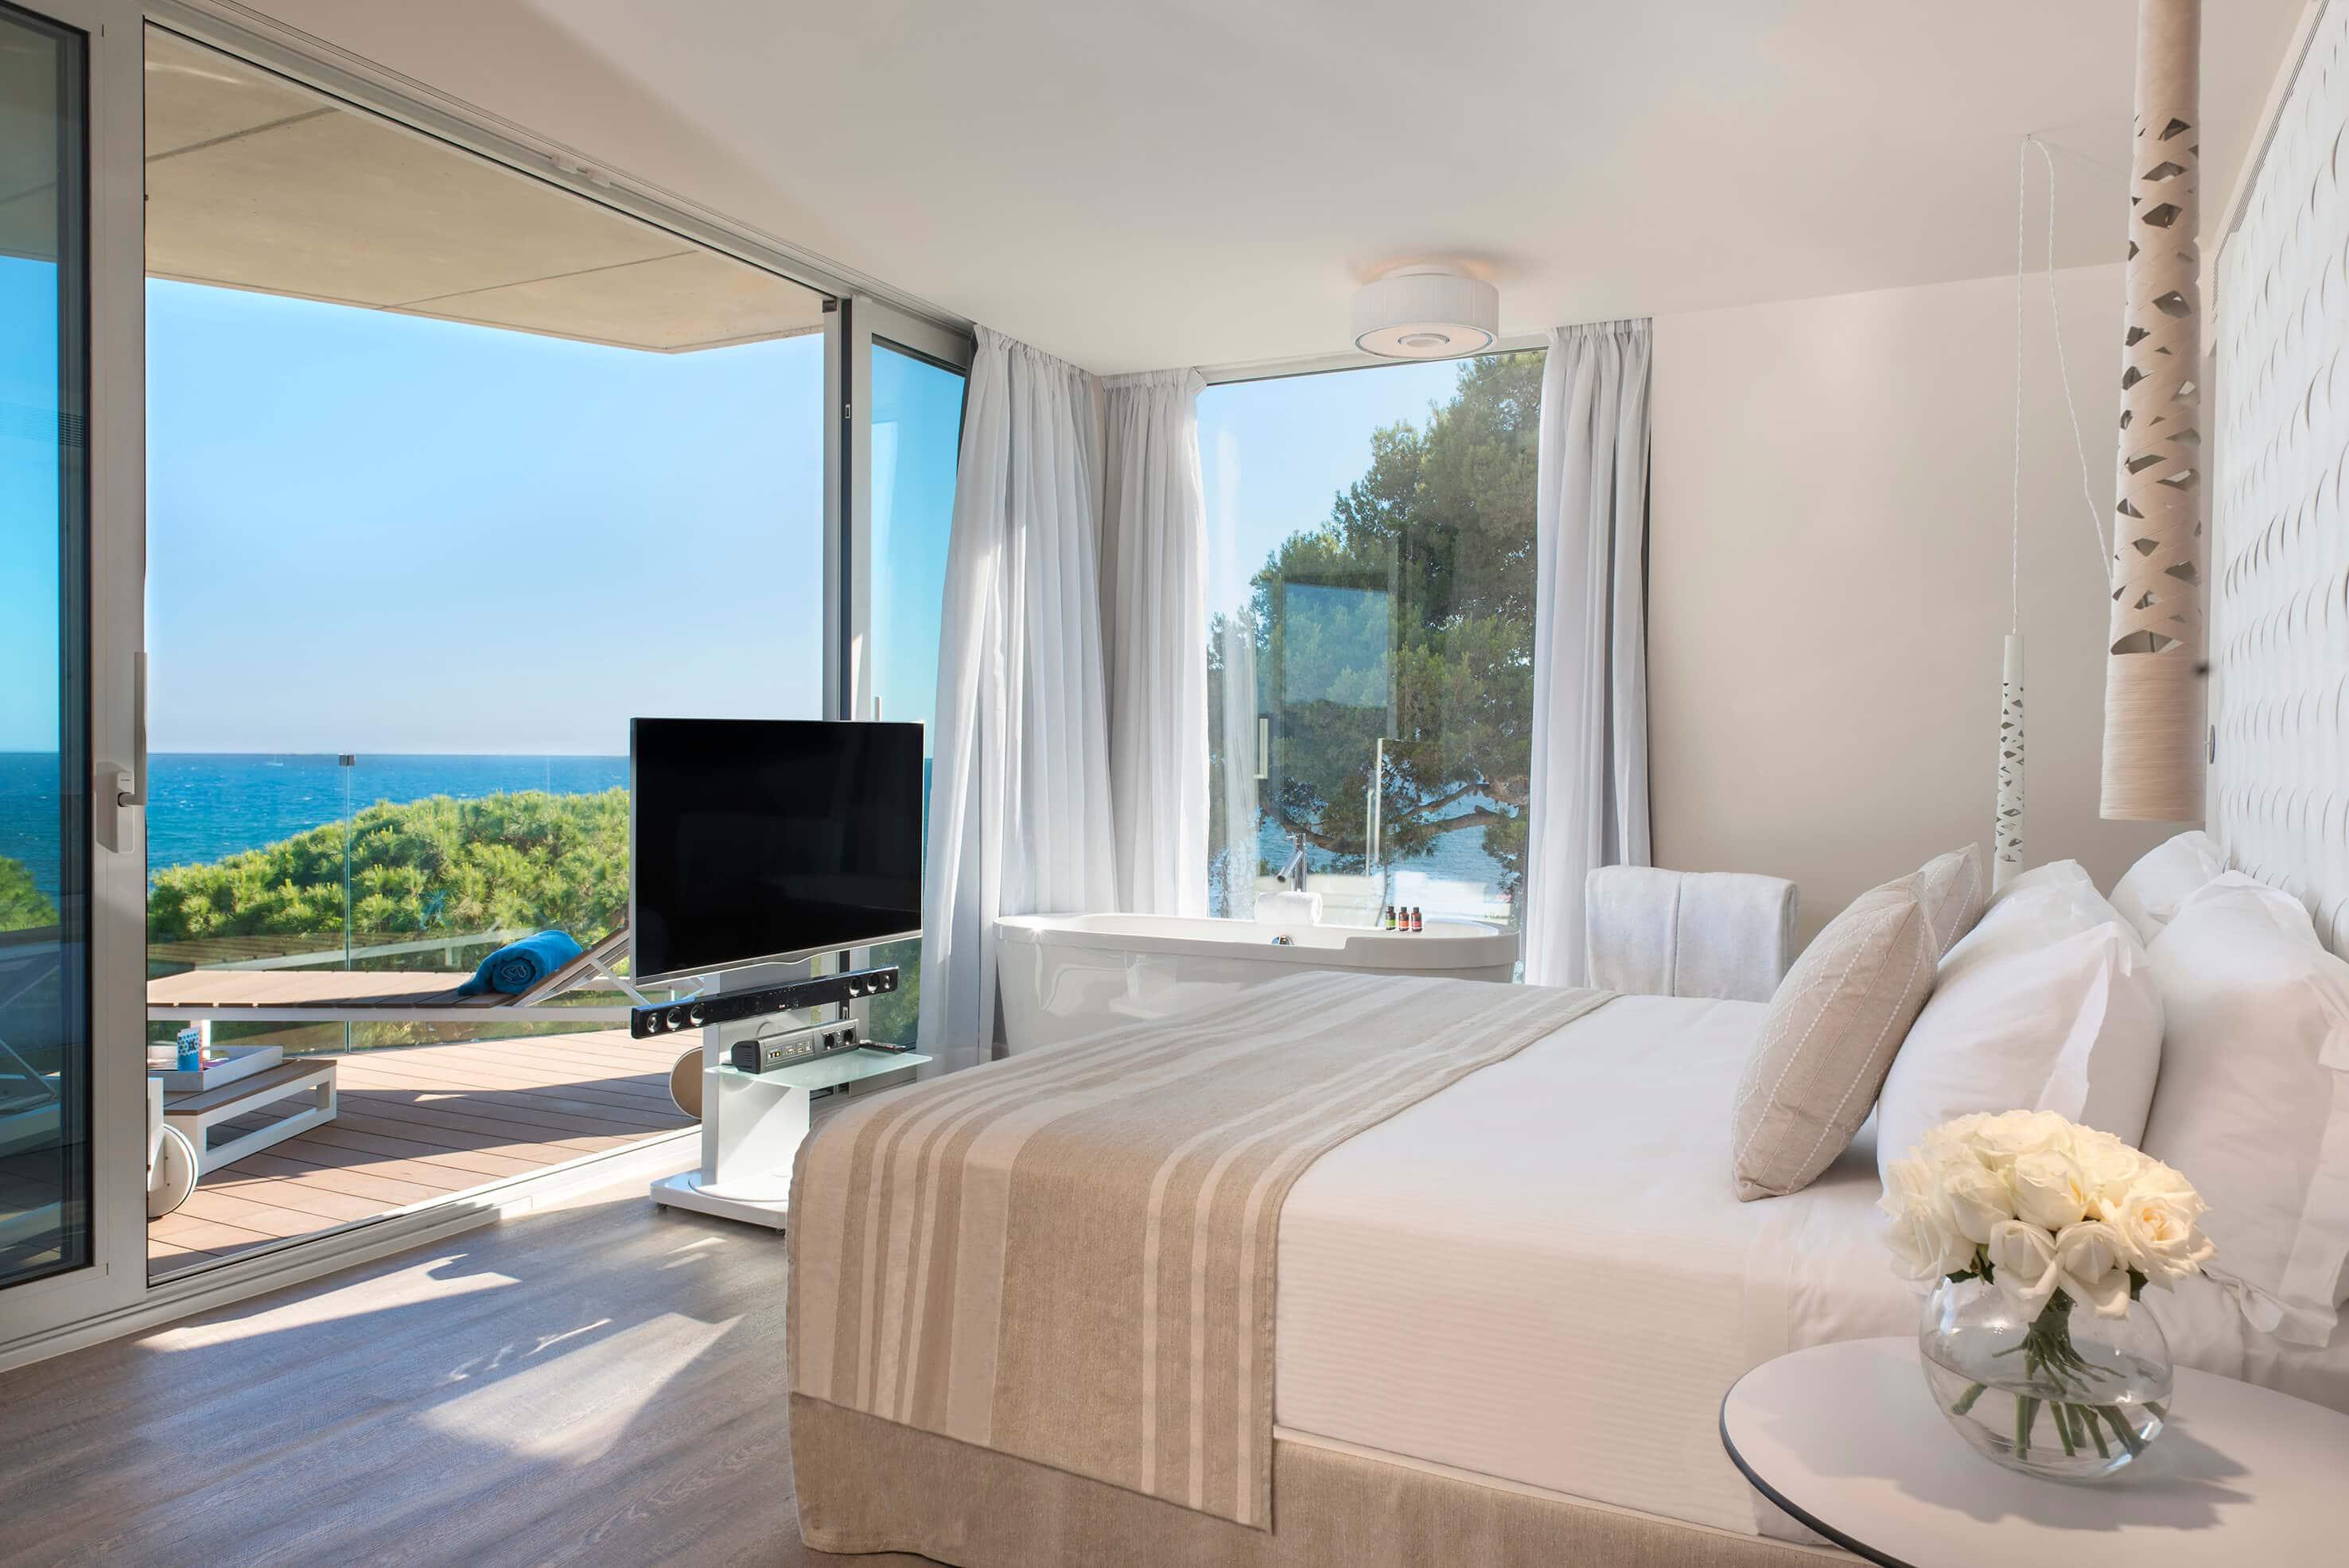 Hotel Me Ibiza - quarto